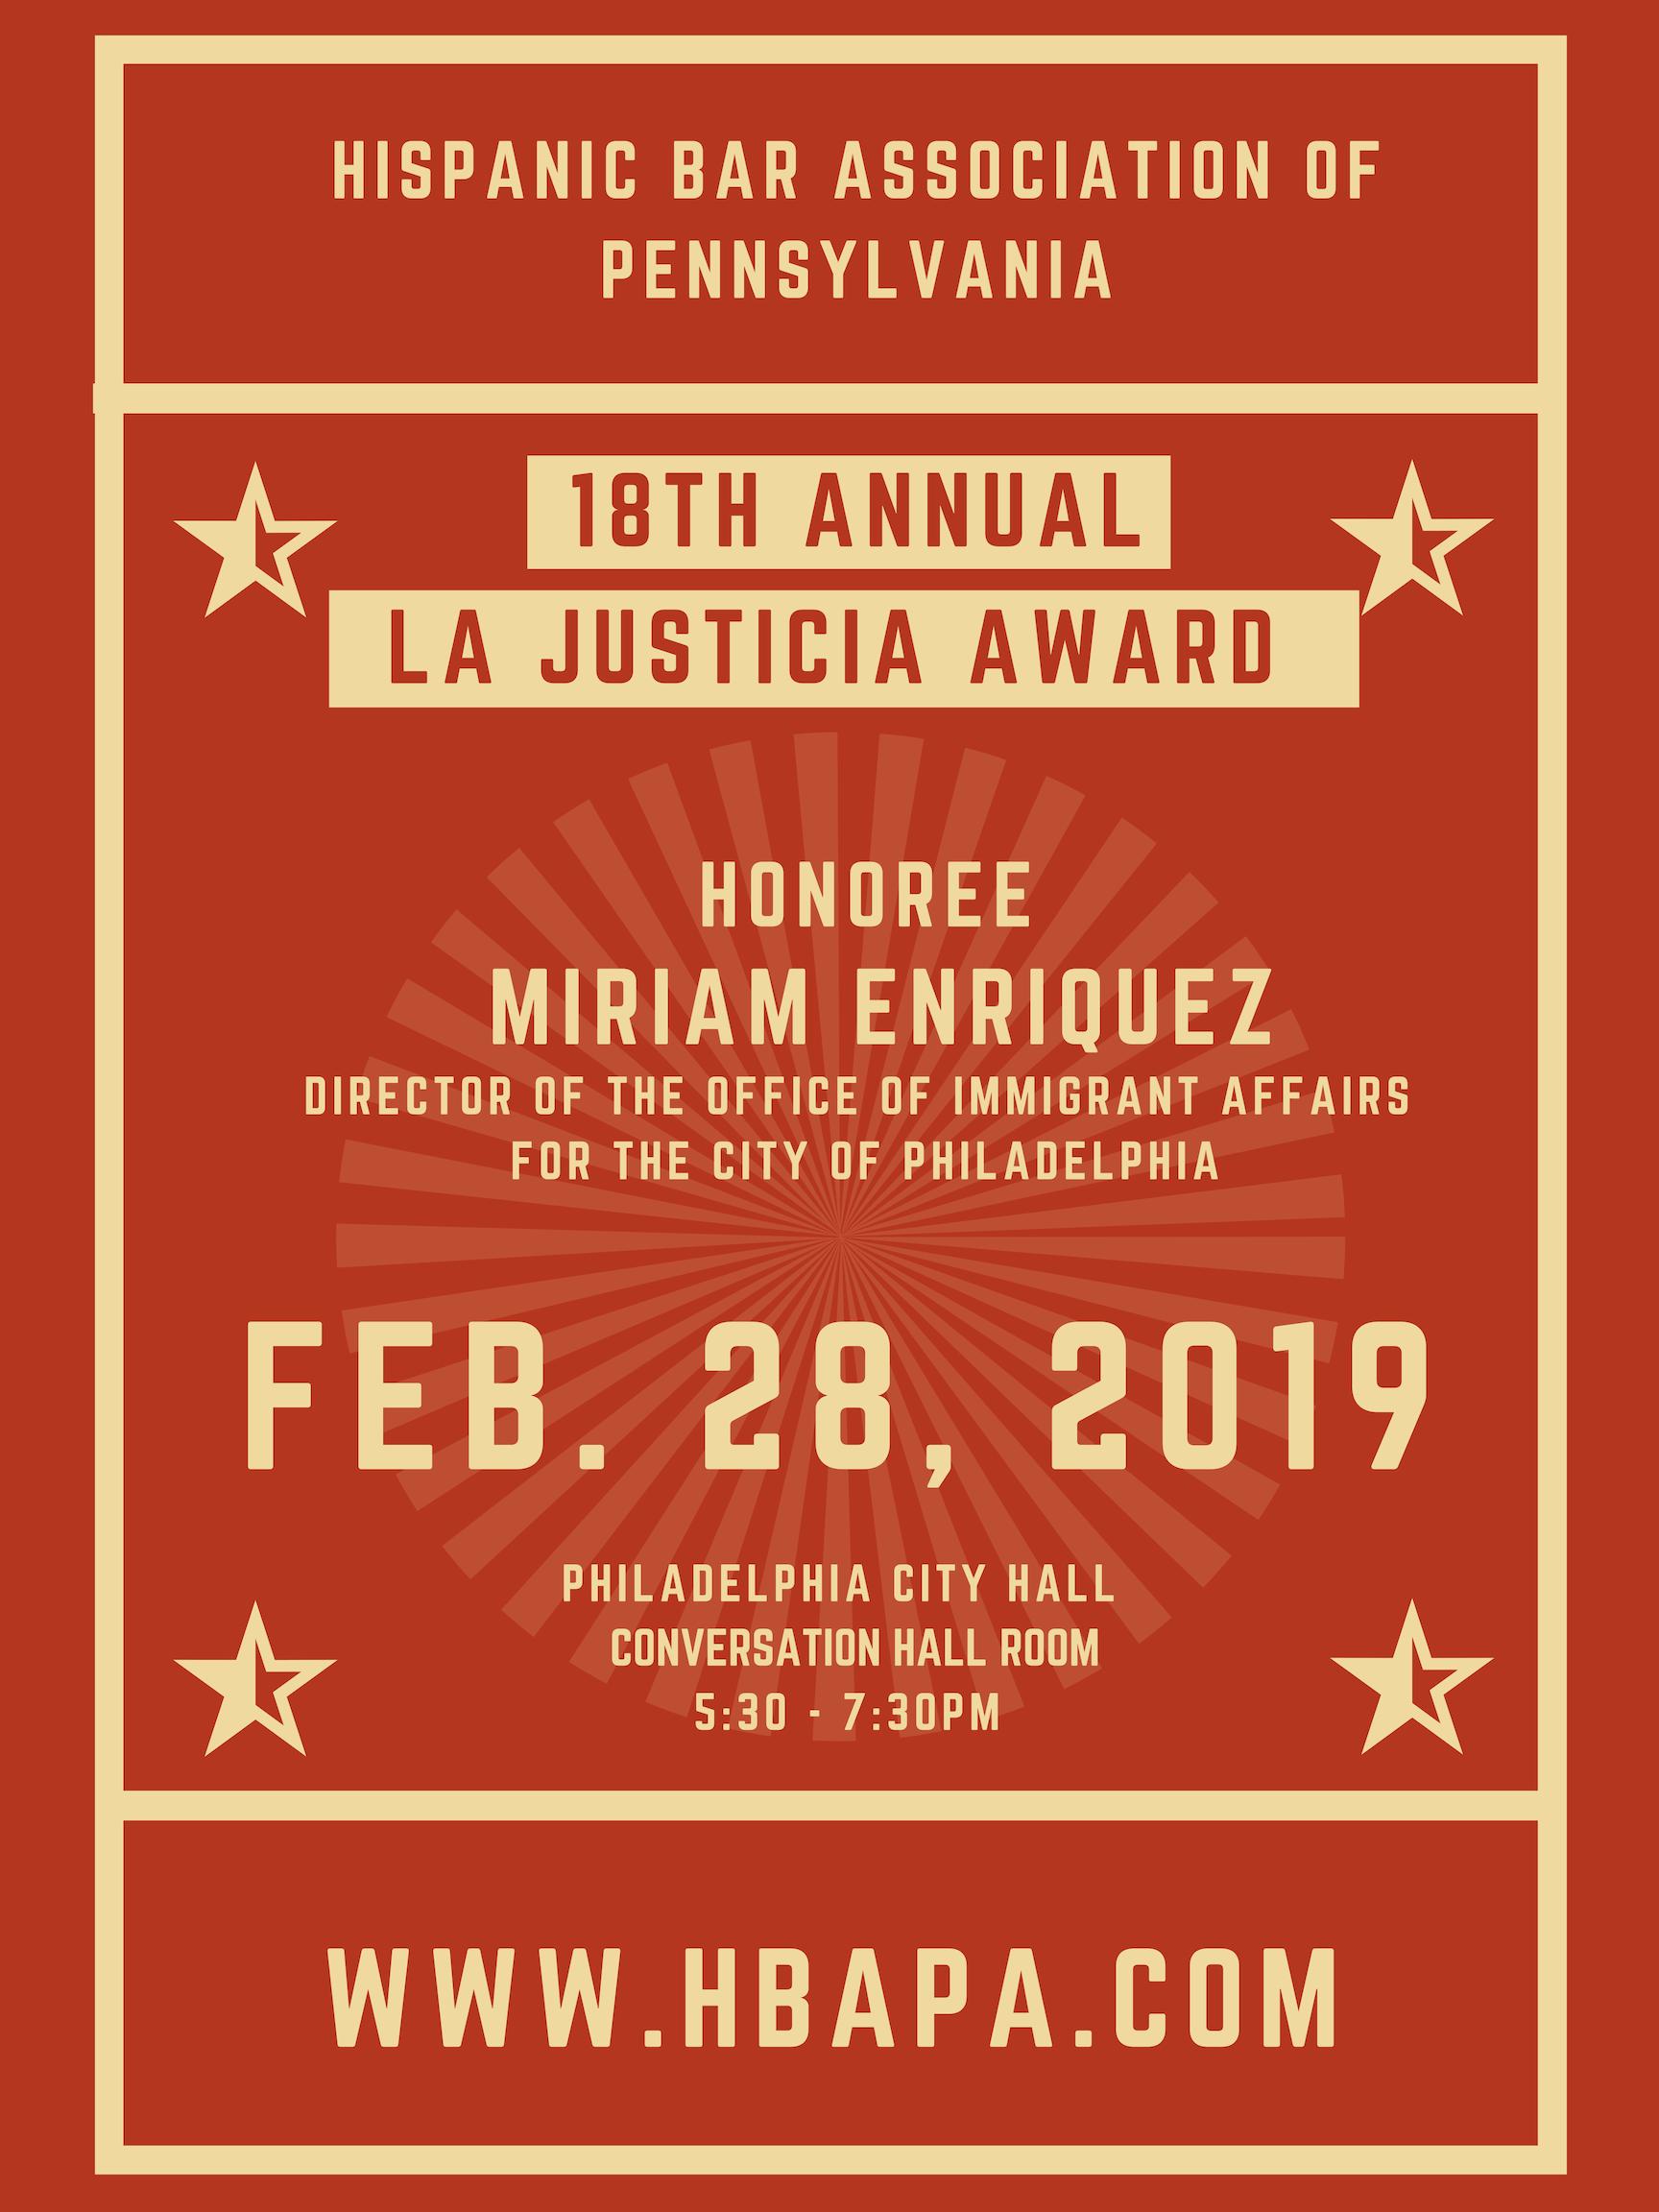 Copy of Copy of La Justicia 2019 Hispanic Bar Association of Pennsylvania.png